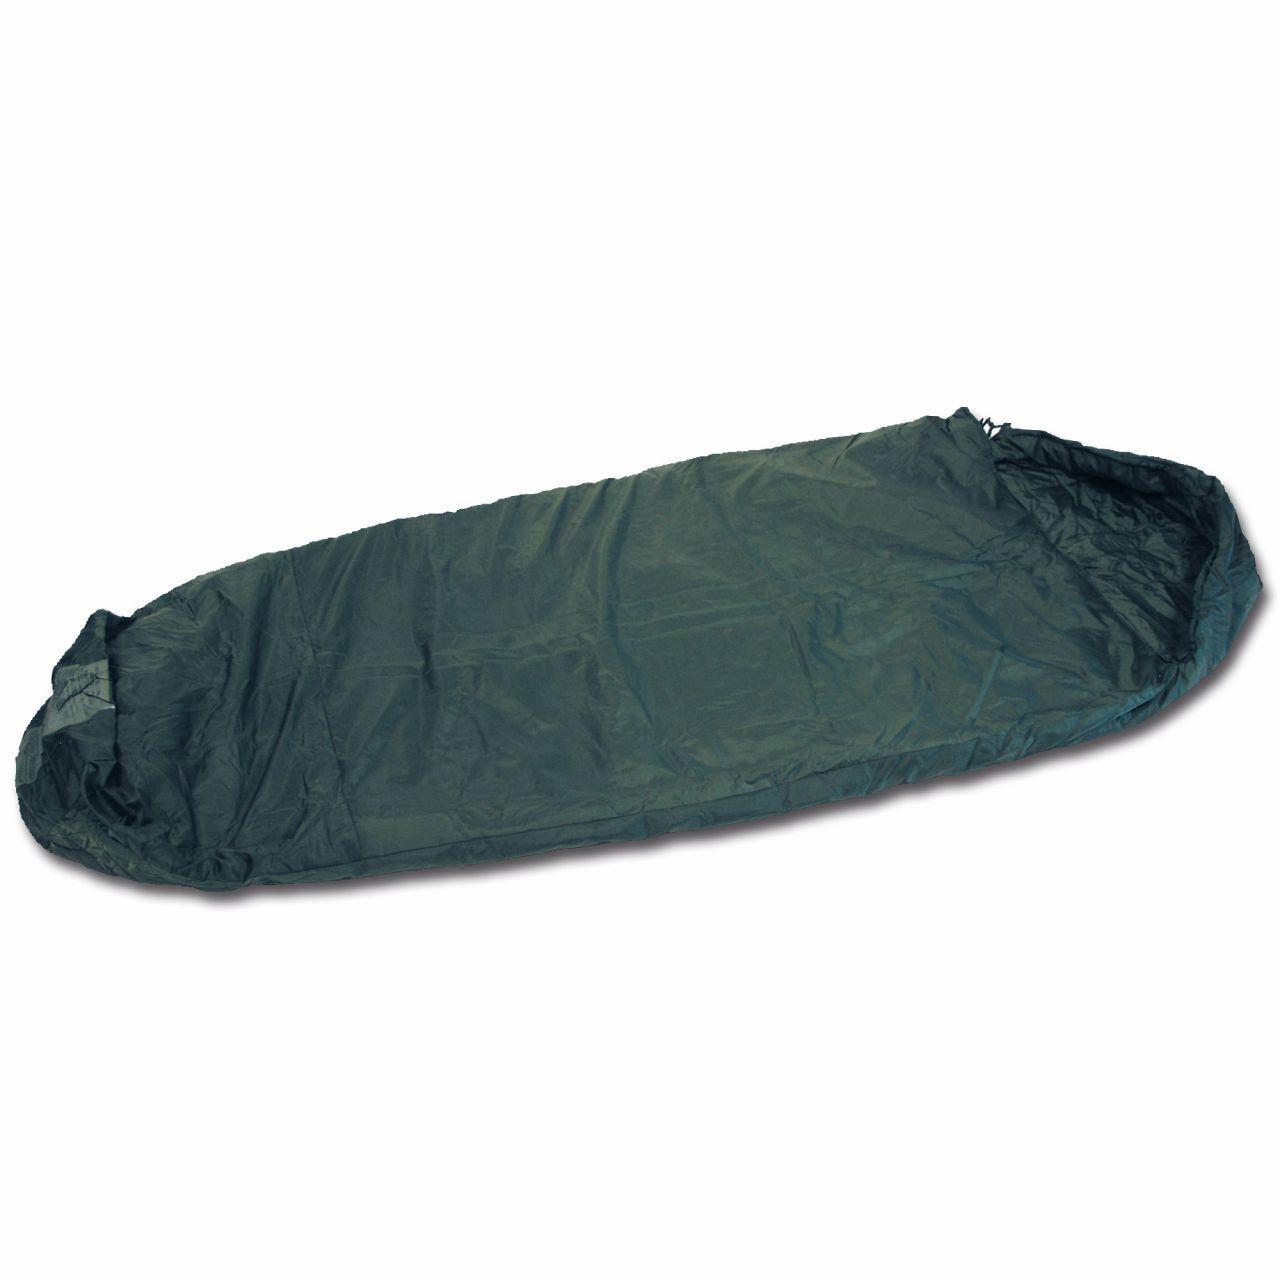 GI Saco de dormir modular system exterior verde petr